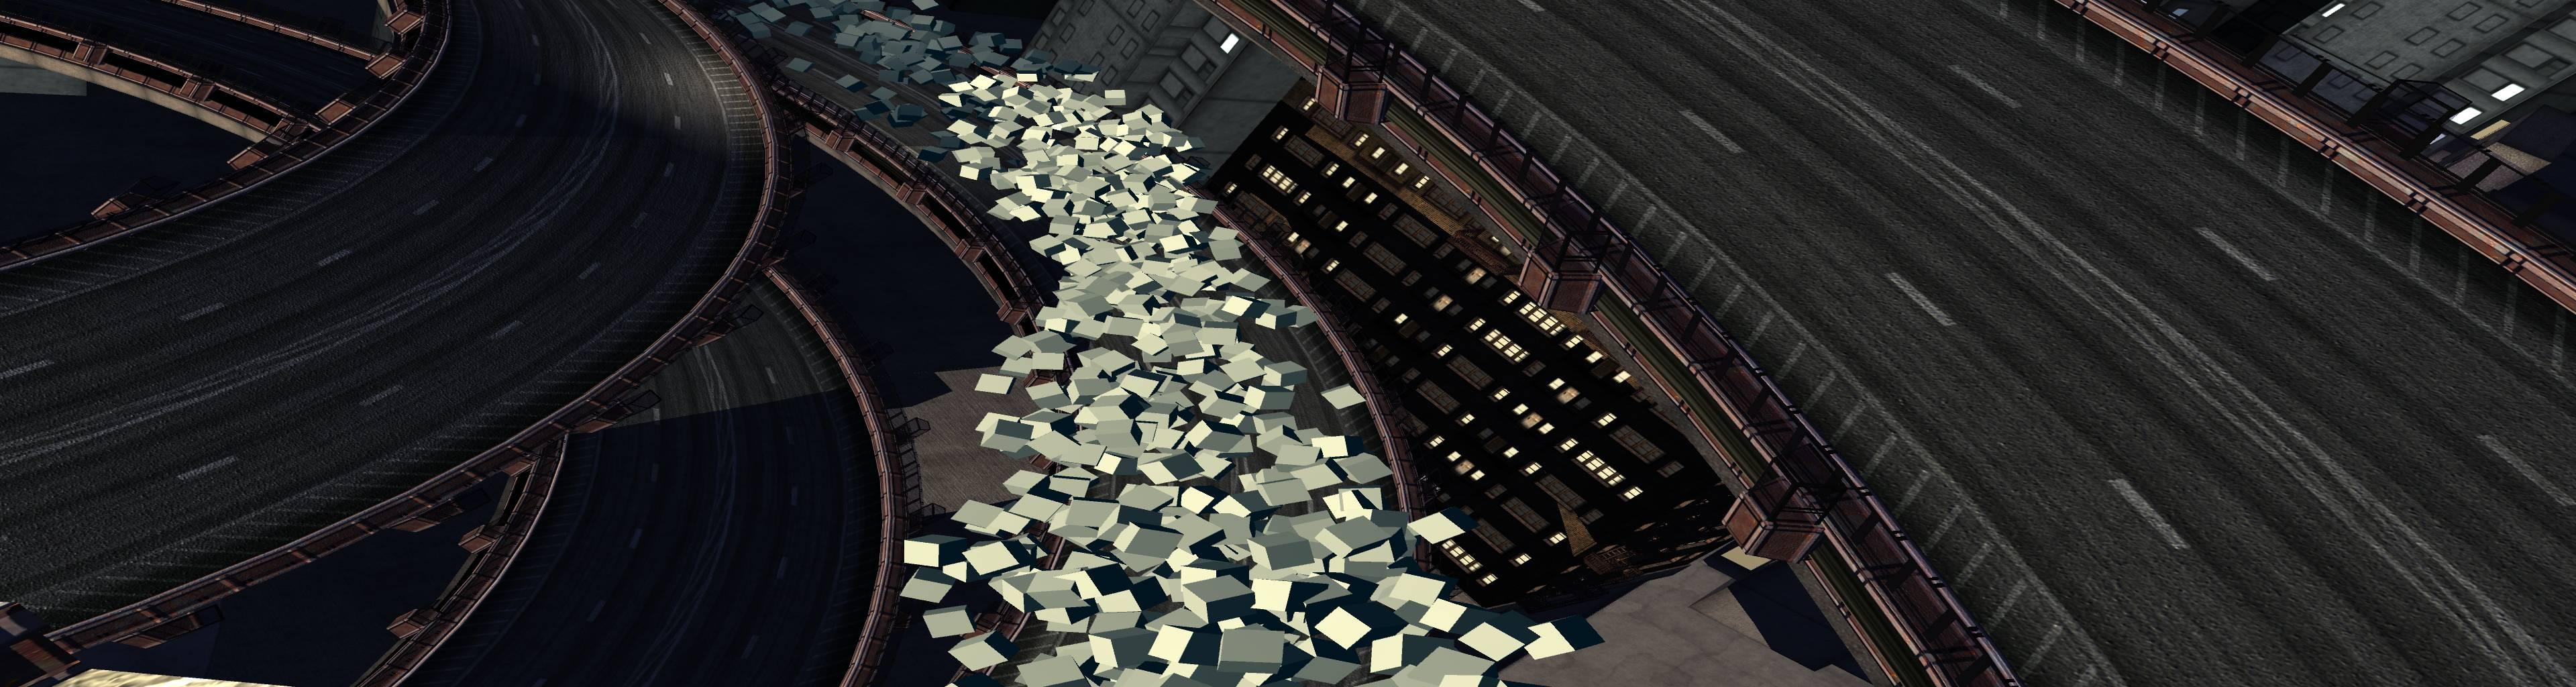 Klicken Sie auf die Grafik für eine größere Ansicht  Name:fr-041_debris 2011-06-20 20-59-45-27.jpg Hits:756 Größe:492,5 KB ID:430940